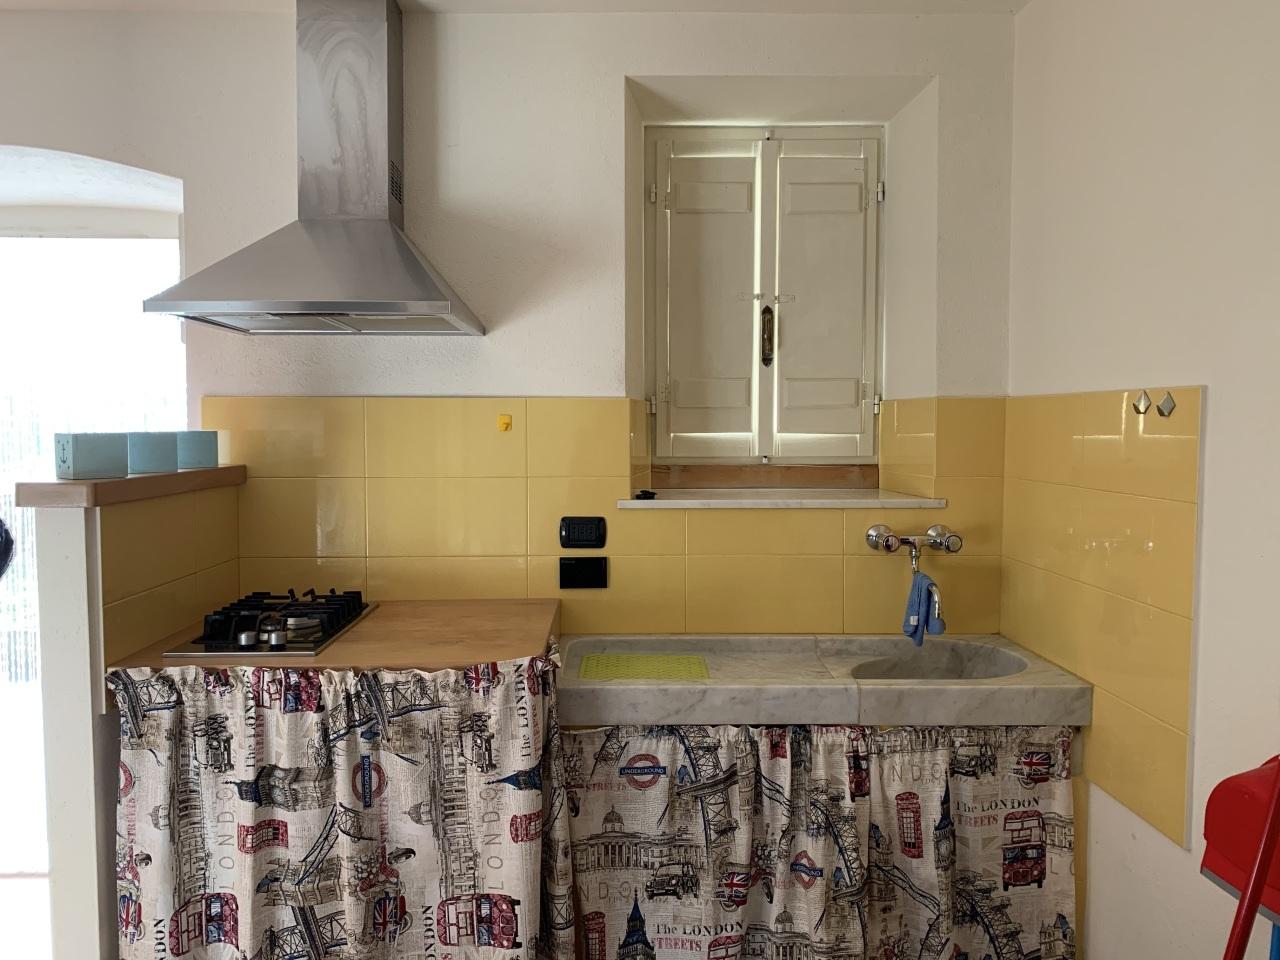 Appartamento in affitto a Riccò del Golfo di Spezia, 2 locali, prezzo € 300 | PortaleAgenzieImmobiliari.it